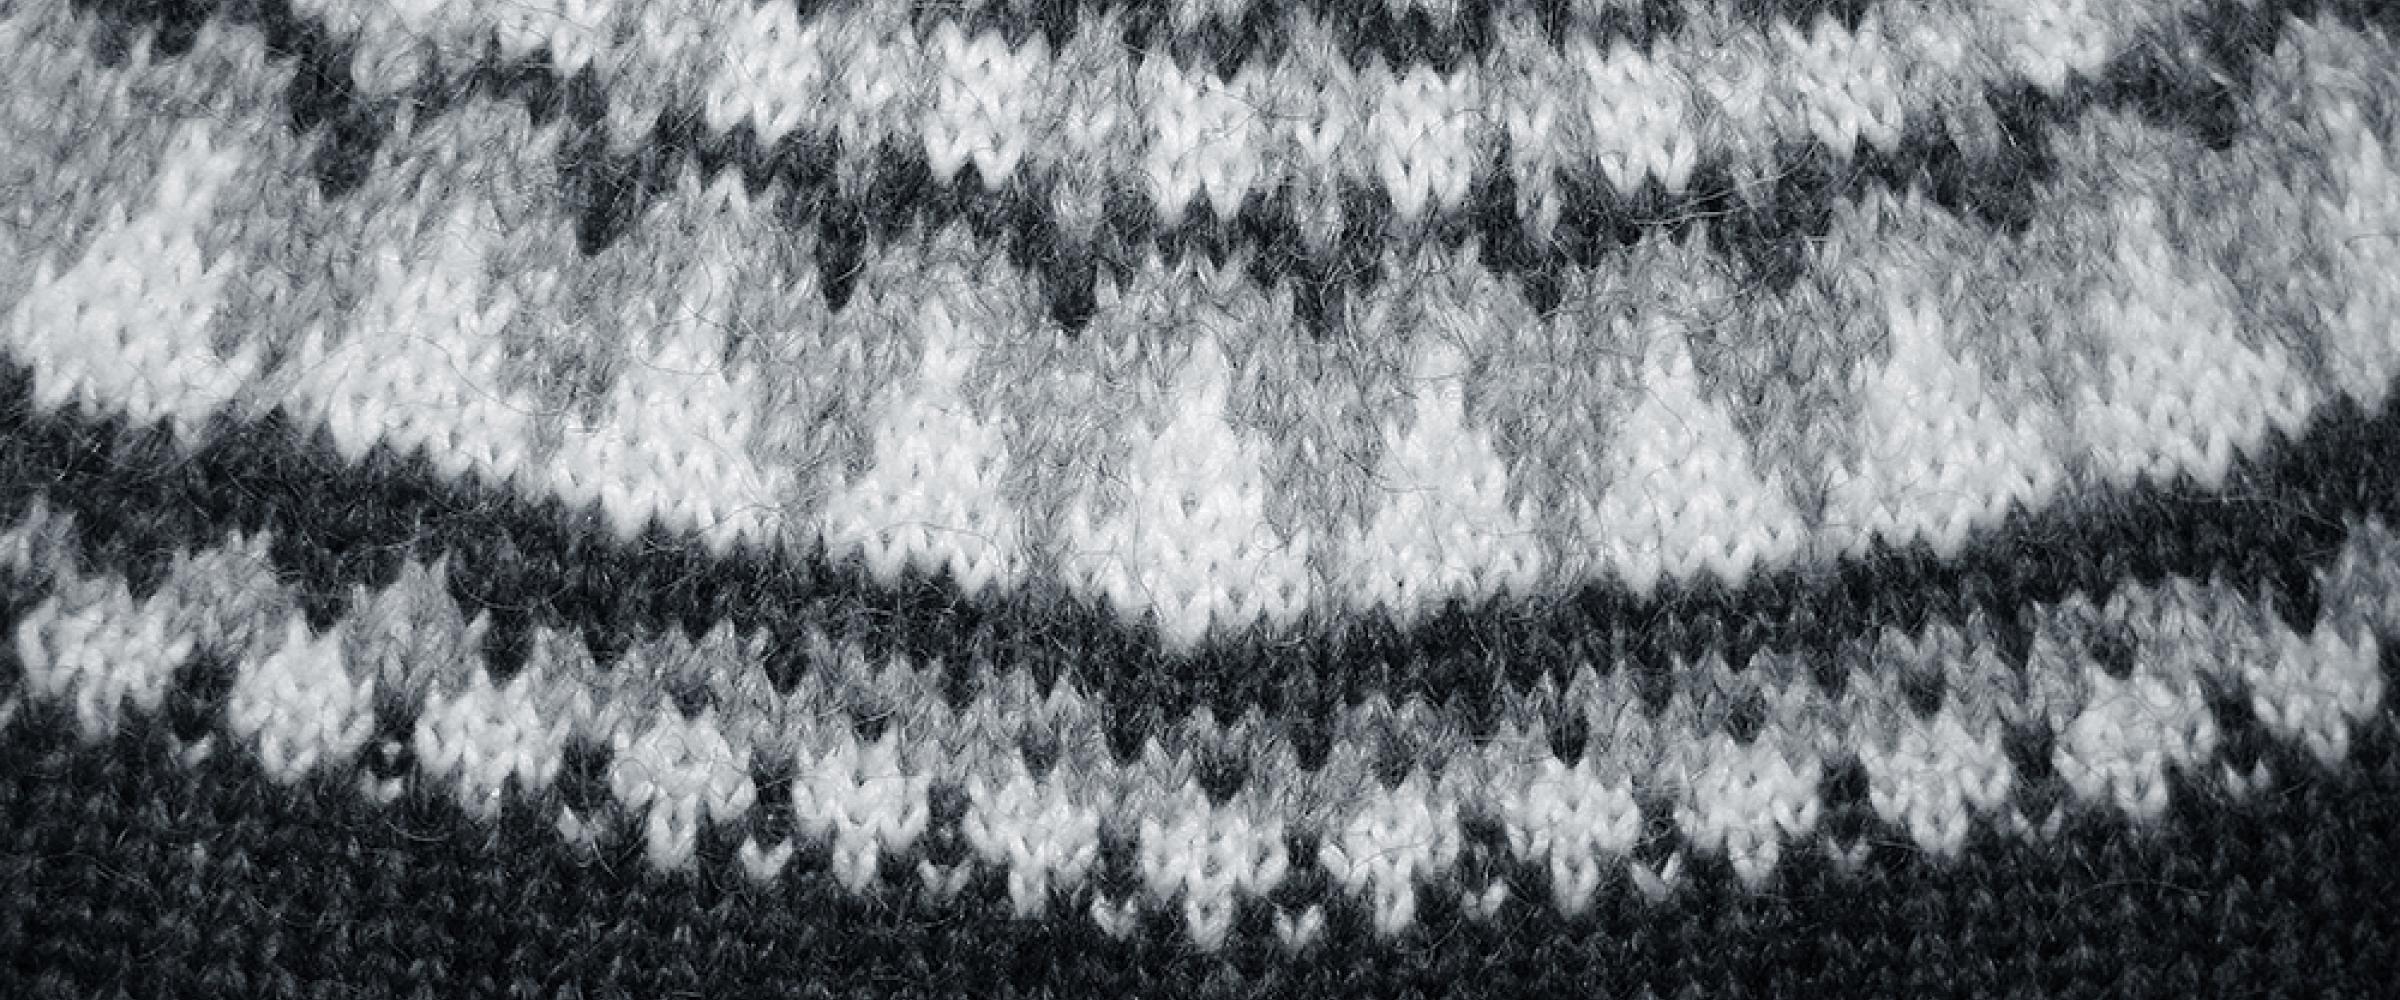 Islender_Tradisjonell islandsk genser © Din Islandsreise